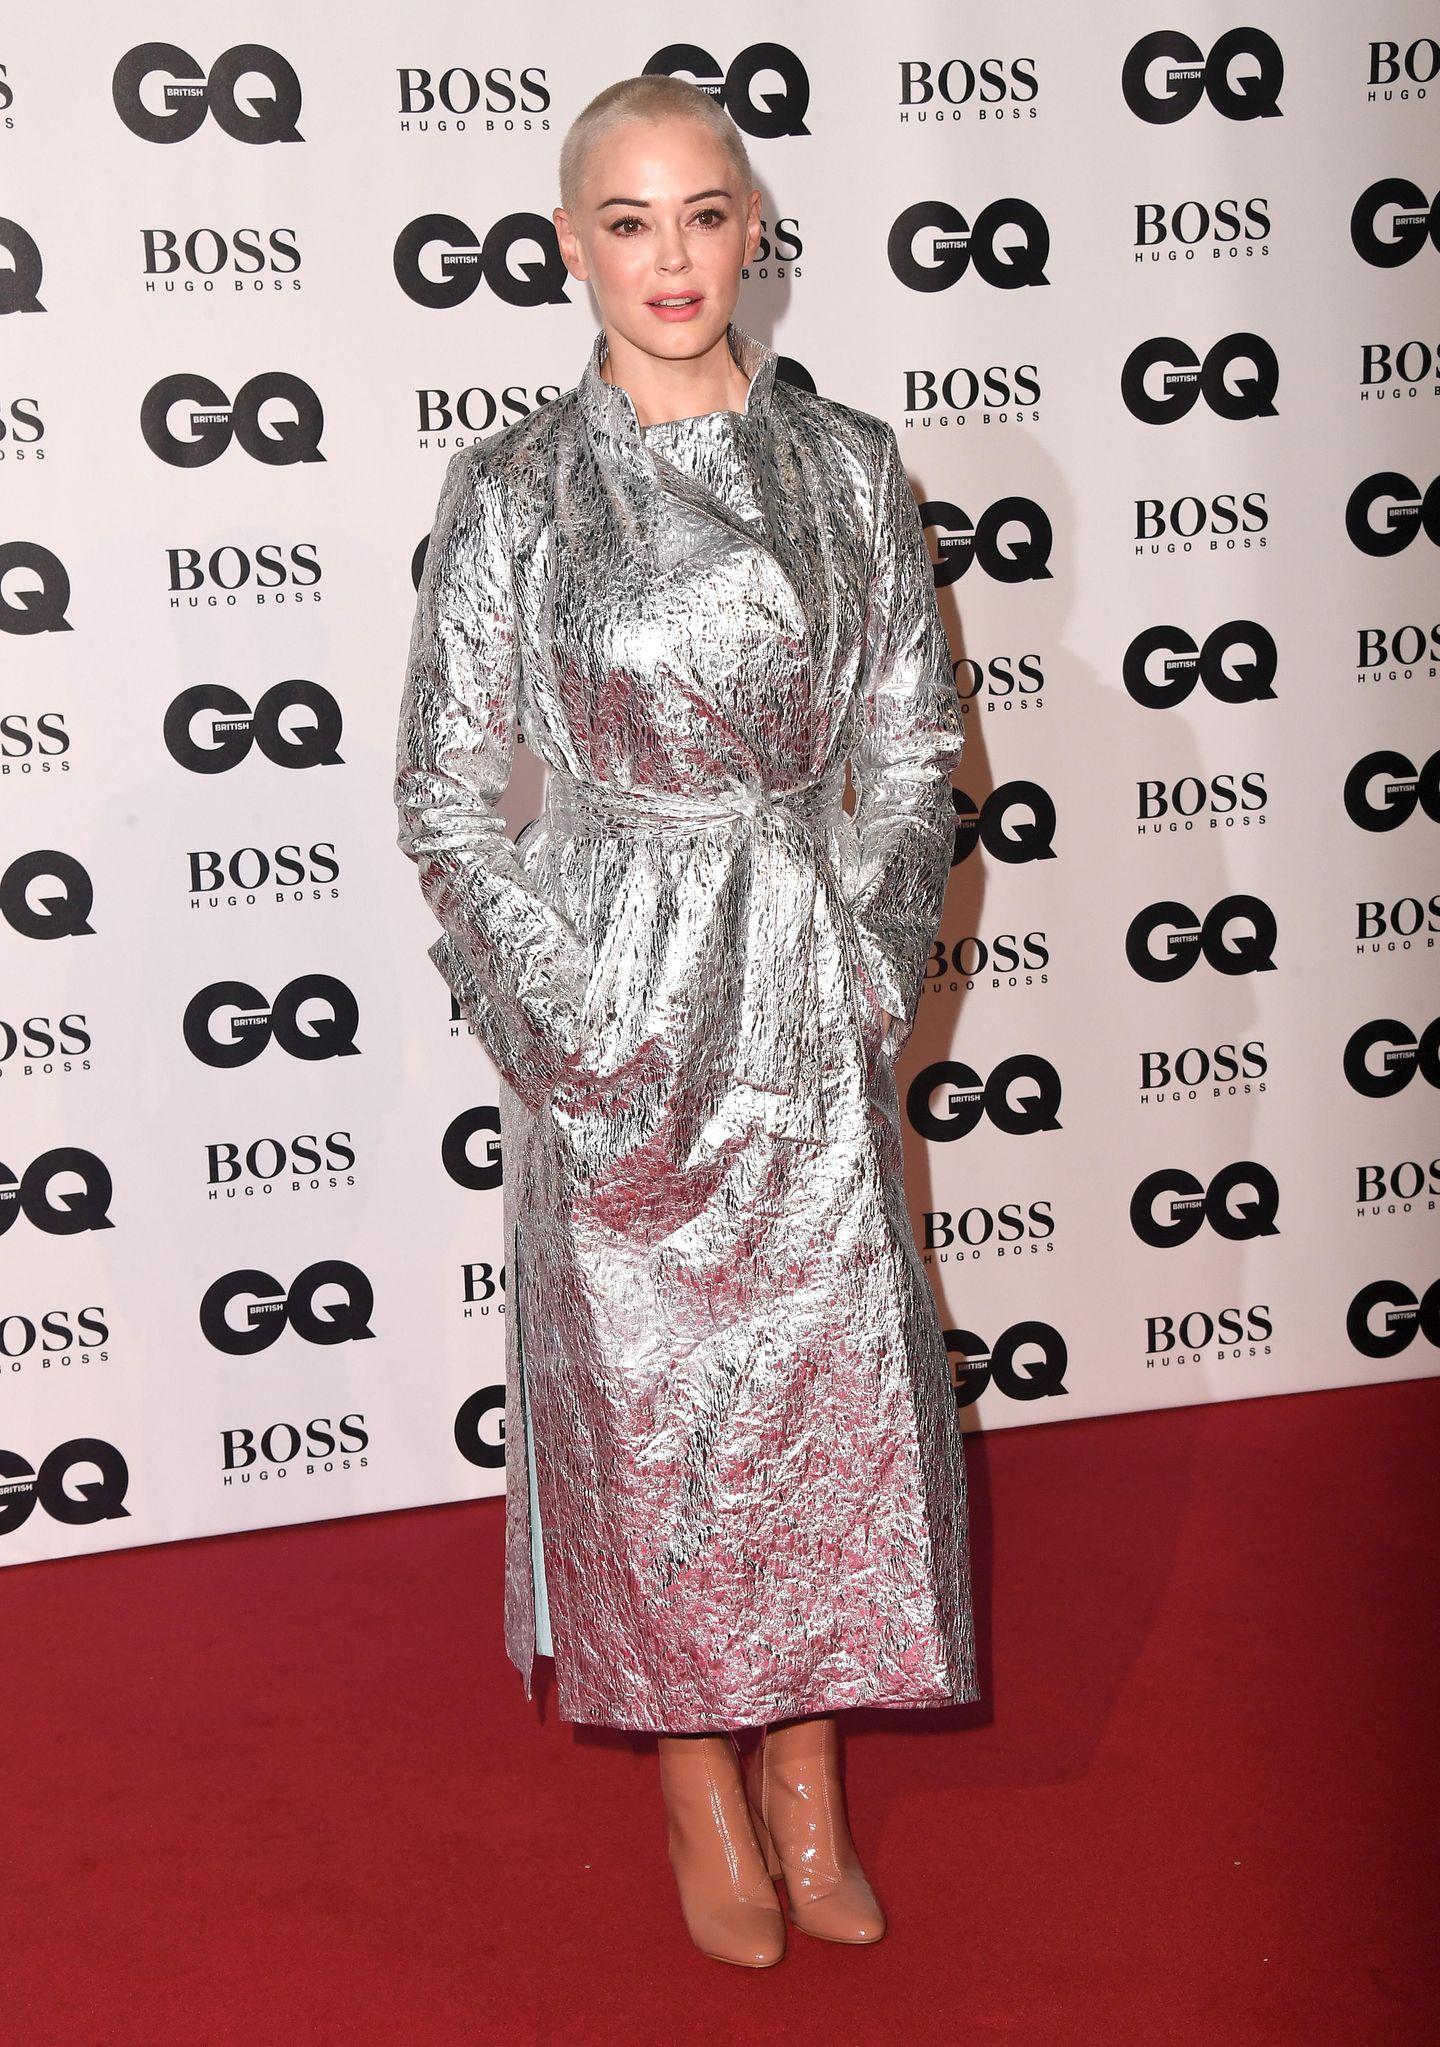 Alufolie oder Rettungsdecke? Schauspielerin Rose McGowan trug einen eigenwilligen Mantel. Vielleicht war es auch eine Rüstung à laJeanne d'Arc? Immerhin ist die 45-Jährige eine engagierte Kämpferin der #MeToo-Bewegung.